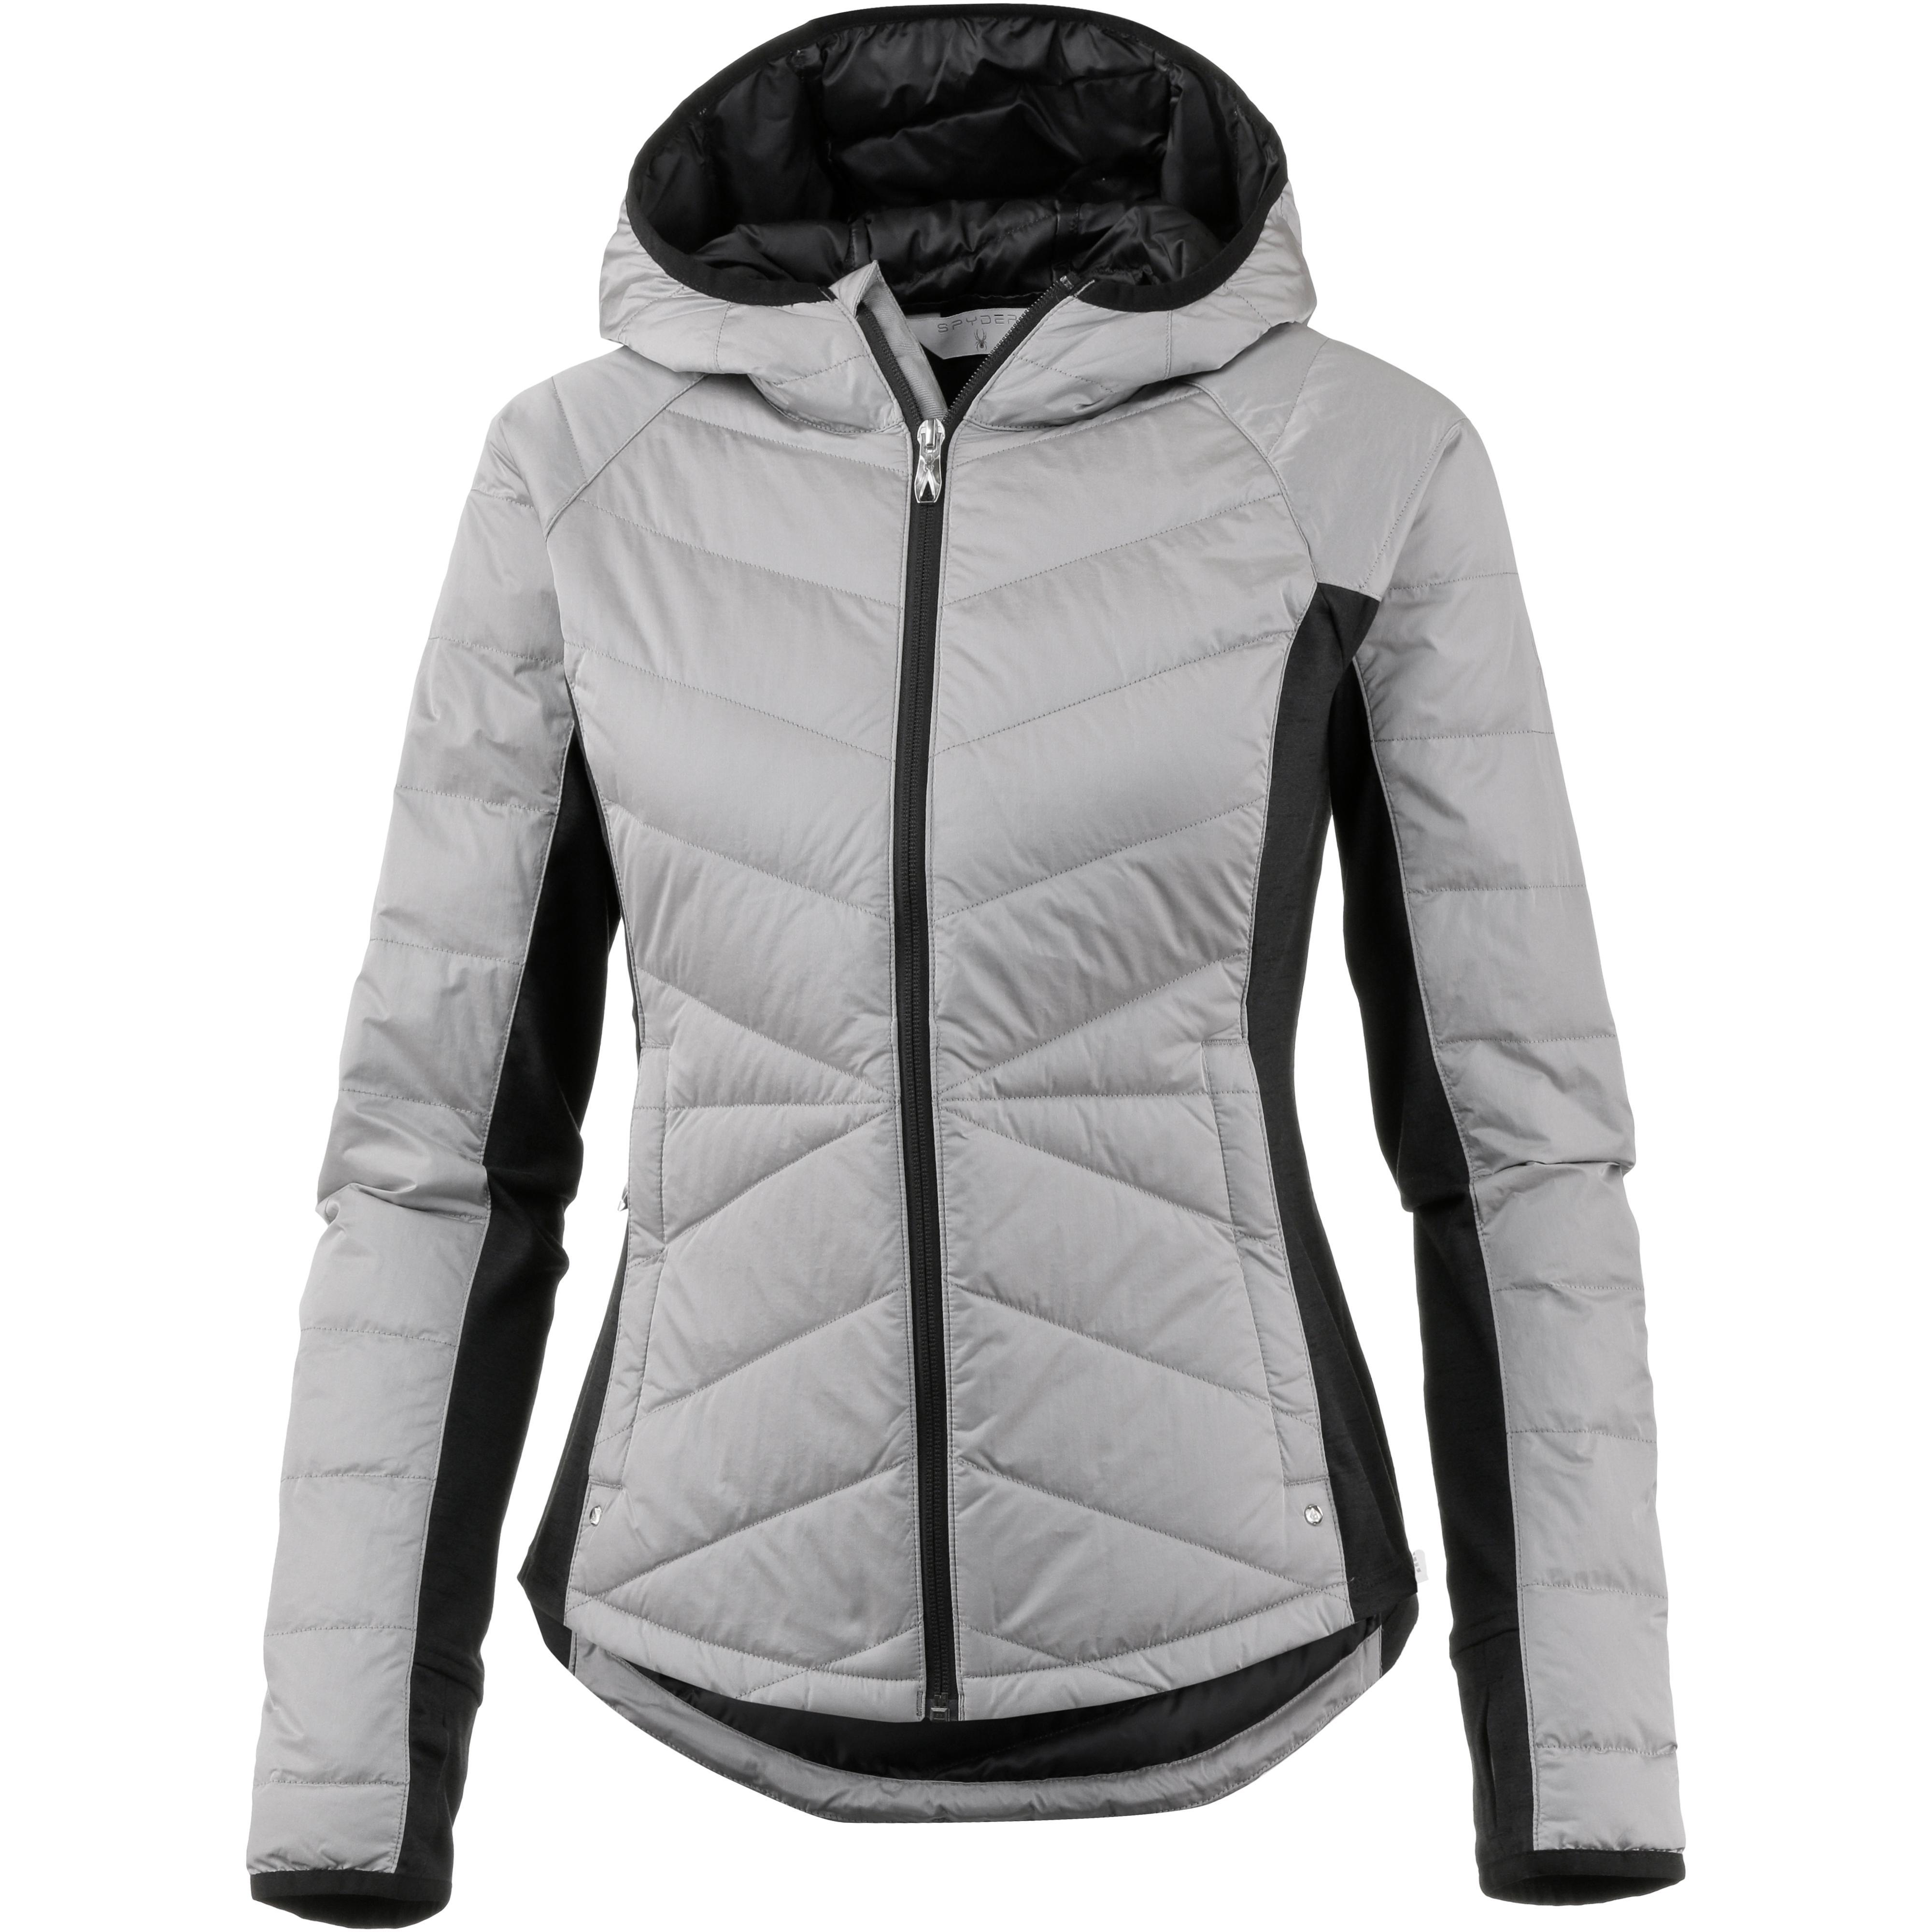 Online Jacken Damen Shop24 Günstig Kaufen atShop24 Über TF1Jcul35K